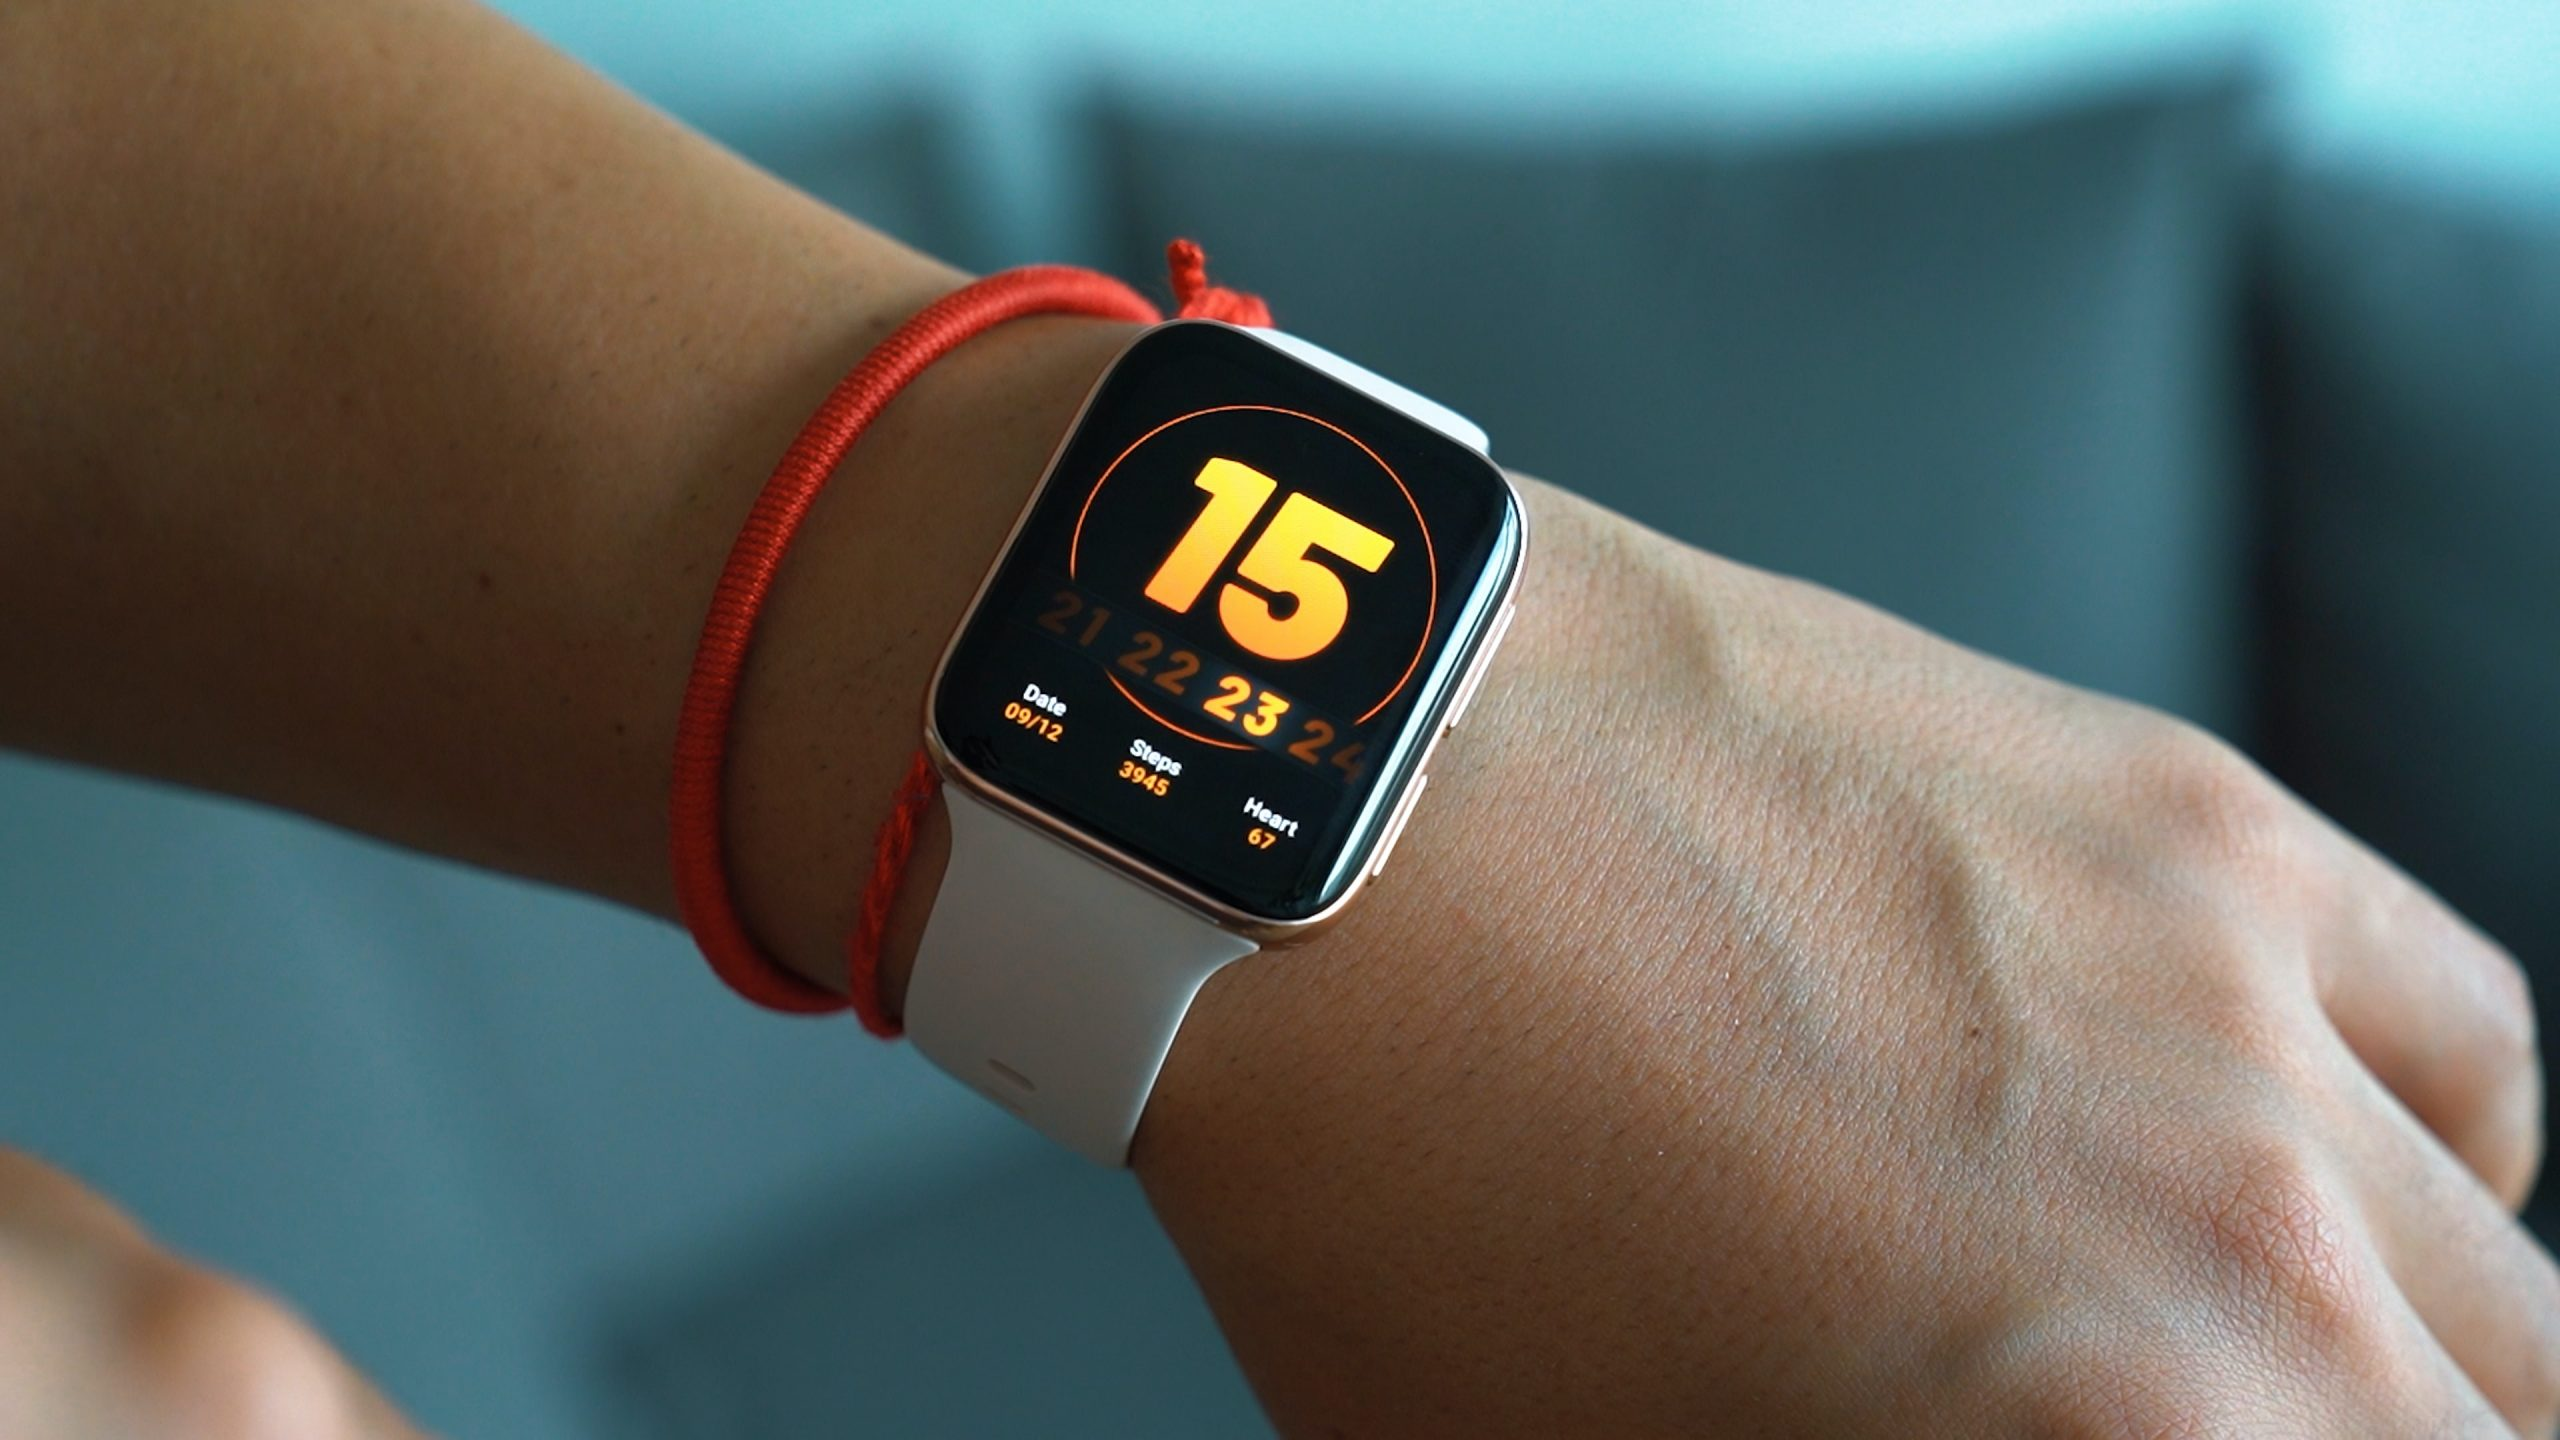 آیا به ساعت هوشمند نیاز داریم؟ 10 دلیل برای نه گفتن